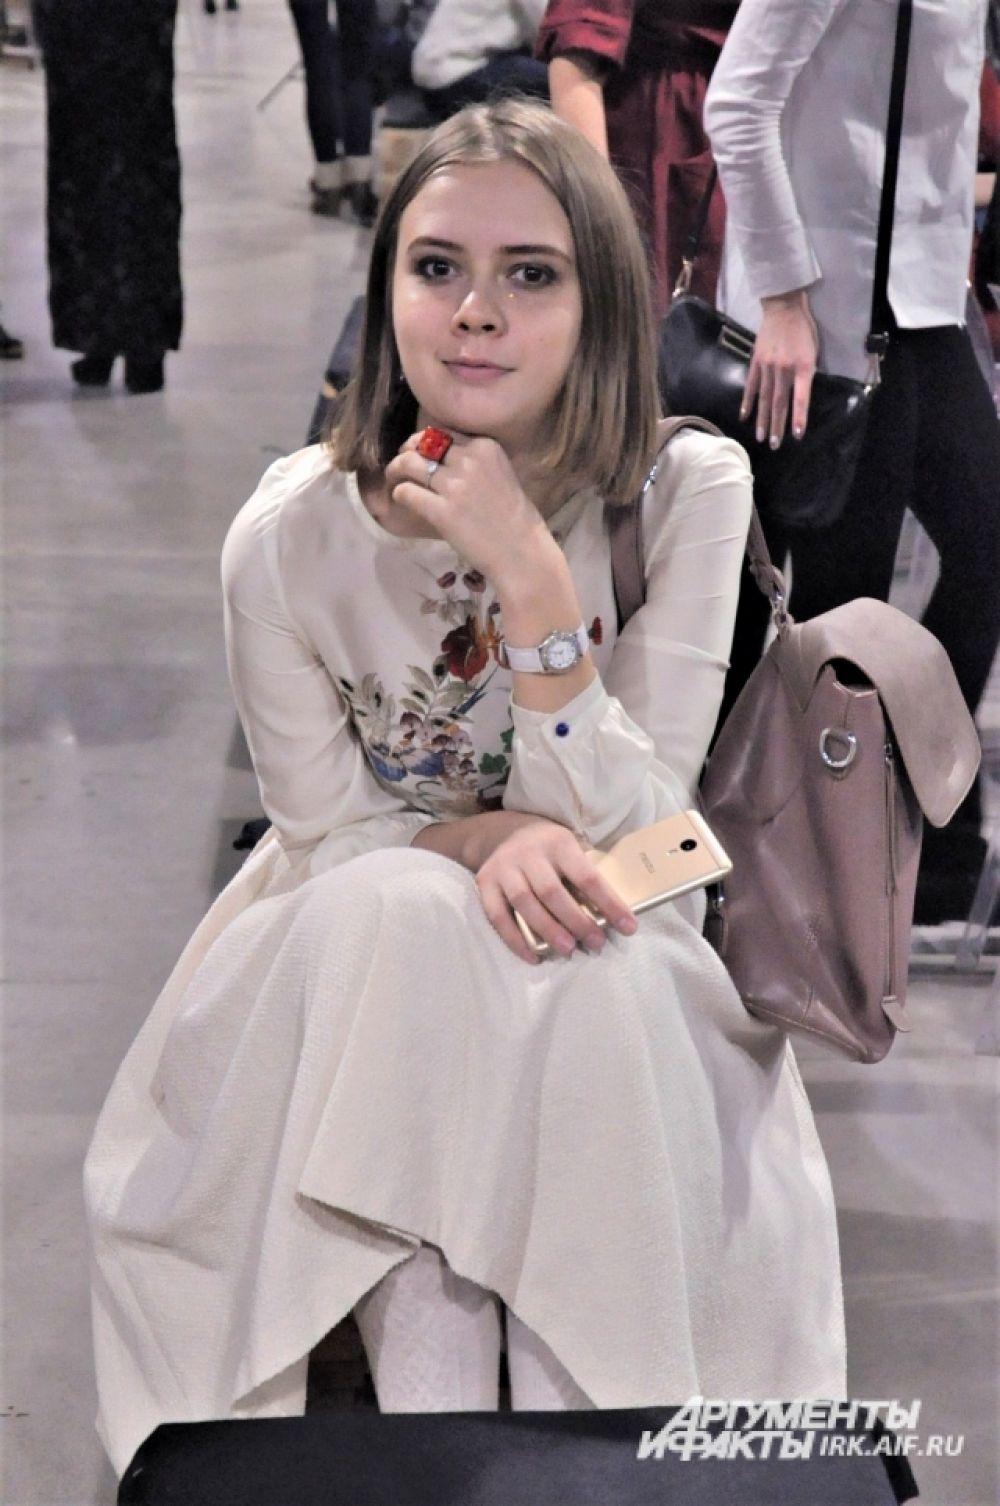 Иркутский дизайнер Полина Сорокина.